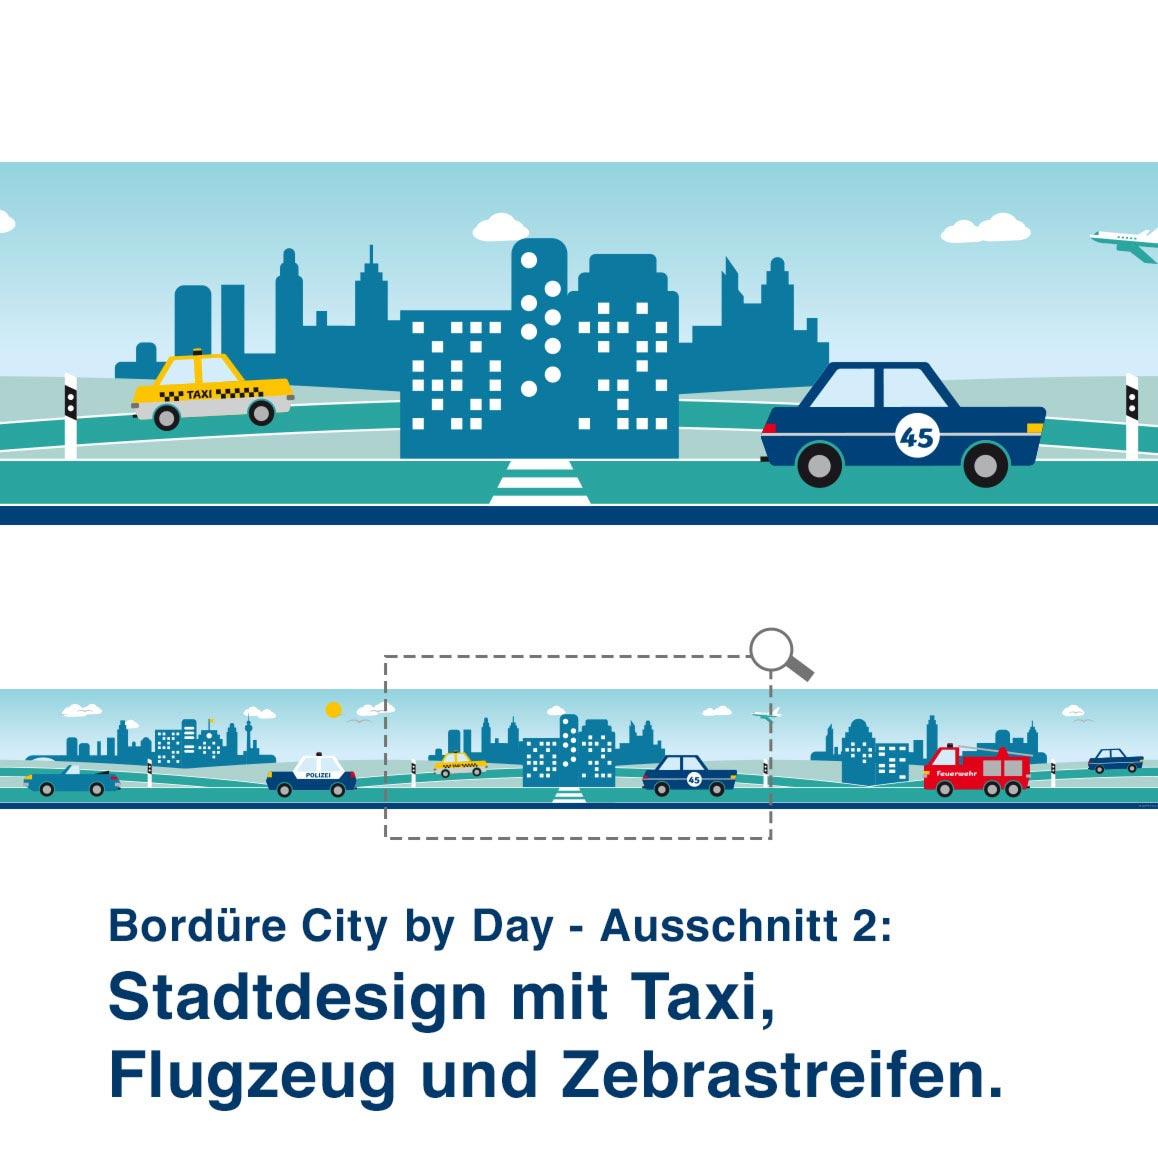 Bordüre City by Day - Ausschnitt 2:   Stadtdesign mit Taxi, Flugzeug und Zebrastreifen.